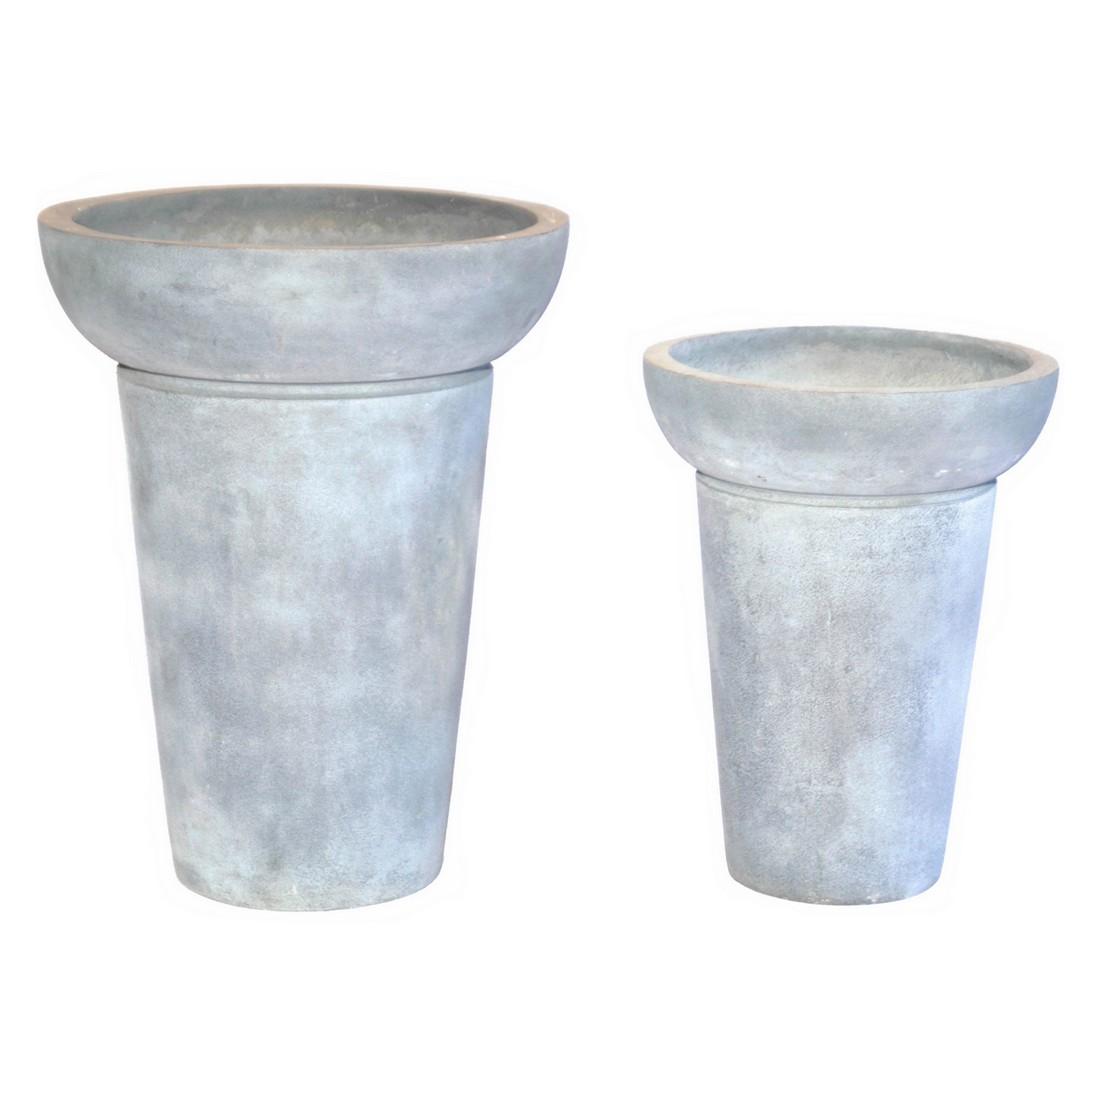 Pflanzkübel ISI Lead – Kunststoff – Design Rund Normal – Höhe: 69 cm Ø: 54 cm (einzeln), Viducci's Garden kaufen